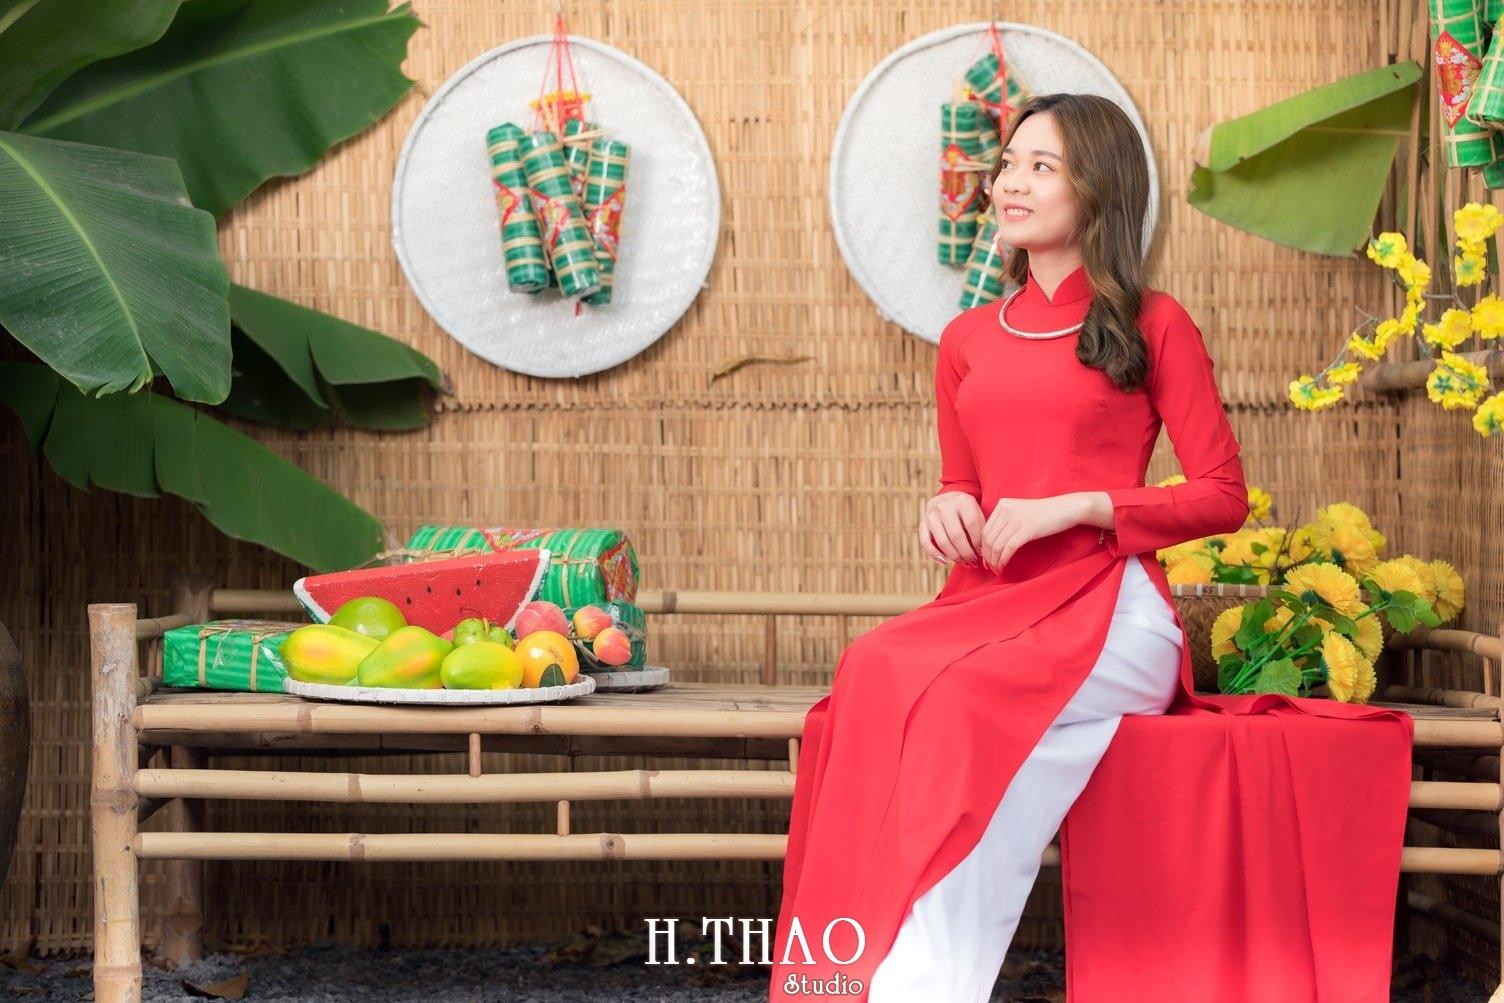 Ao dai tet do 7 - Top 40 ảnh áo dài chụp với Hoa đào, hoa mai tết tuyệt đẹp- HThao Studio